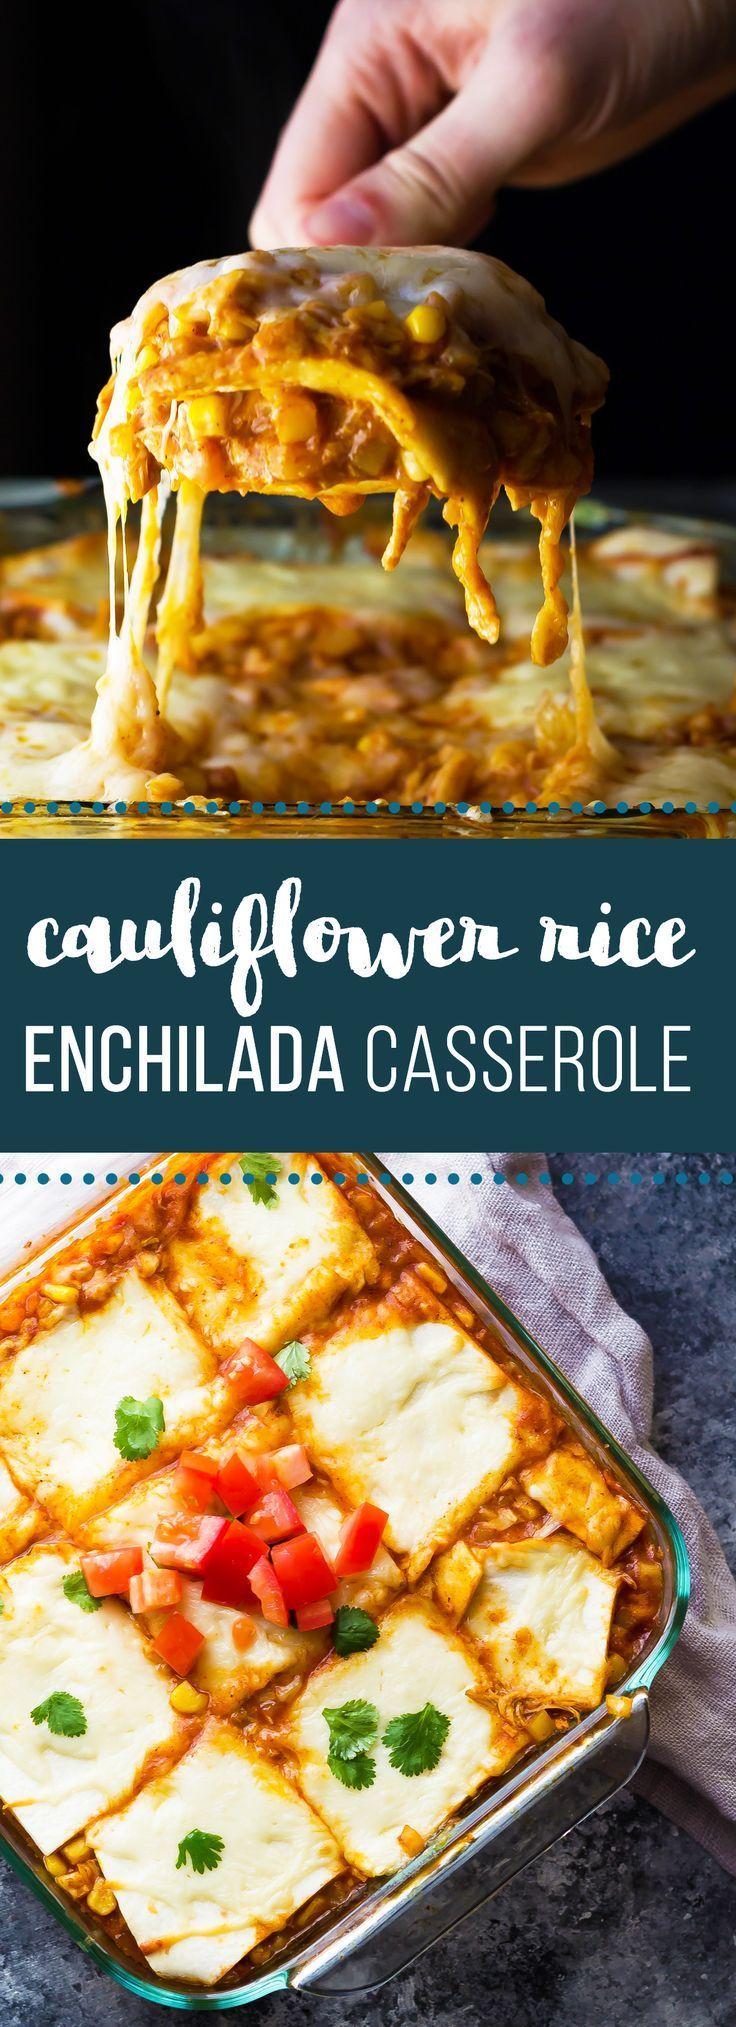 This Cauliflower Rice Chicken Enchilada Casserole is an easy, healthy dinner recipe.